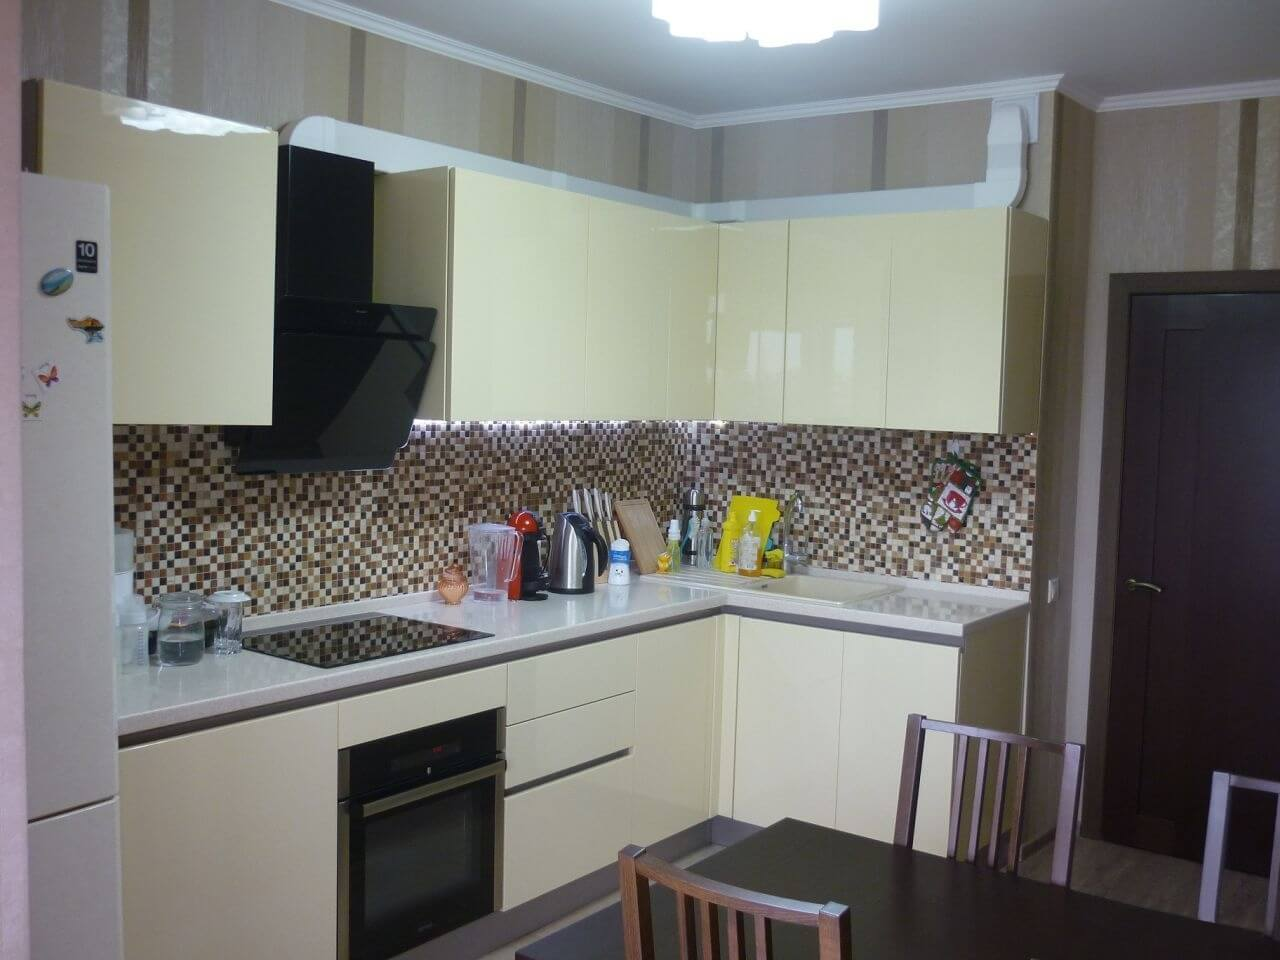 Продажа 2-комнатной квартиры по ул. Абрикосовой, д. 23 А (75 м²)